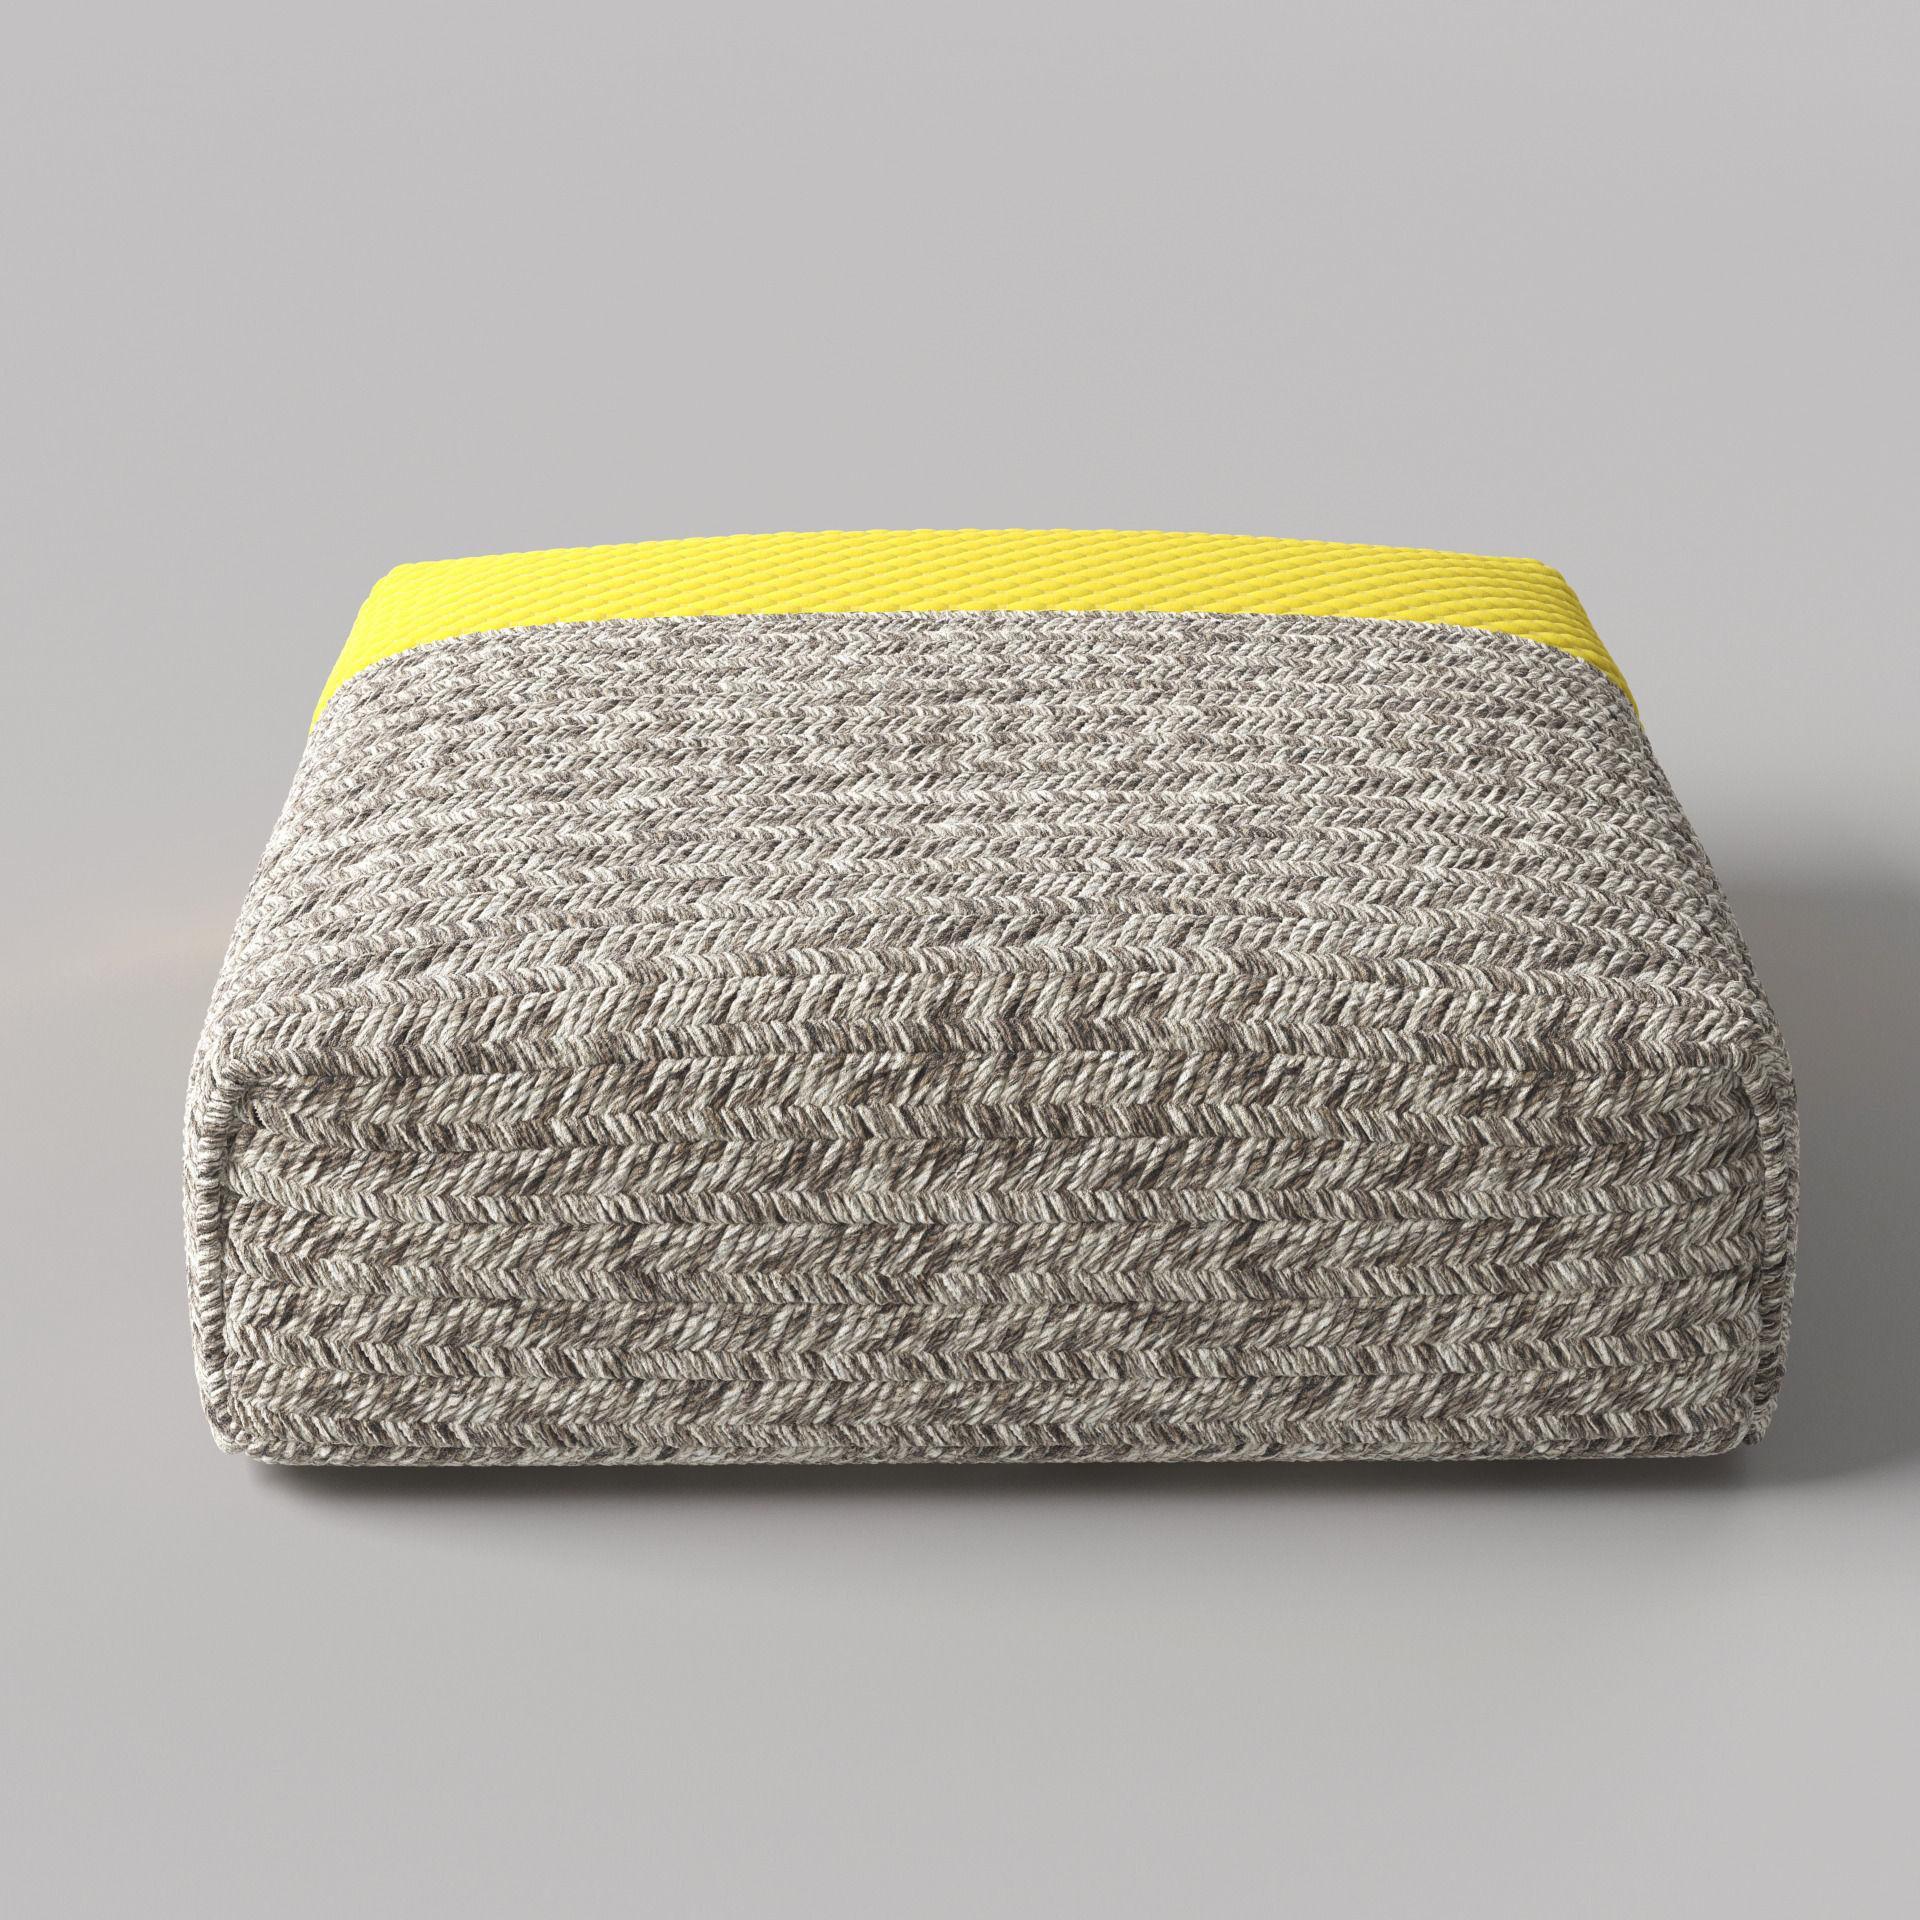 sofa gan rugs 3d model max fbx. Black Bedroom Furniture Sets. Home Design Ideas